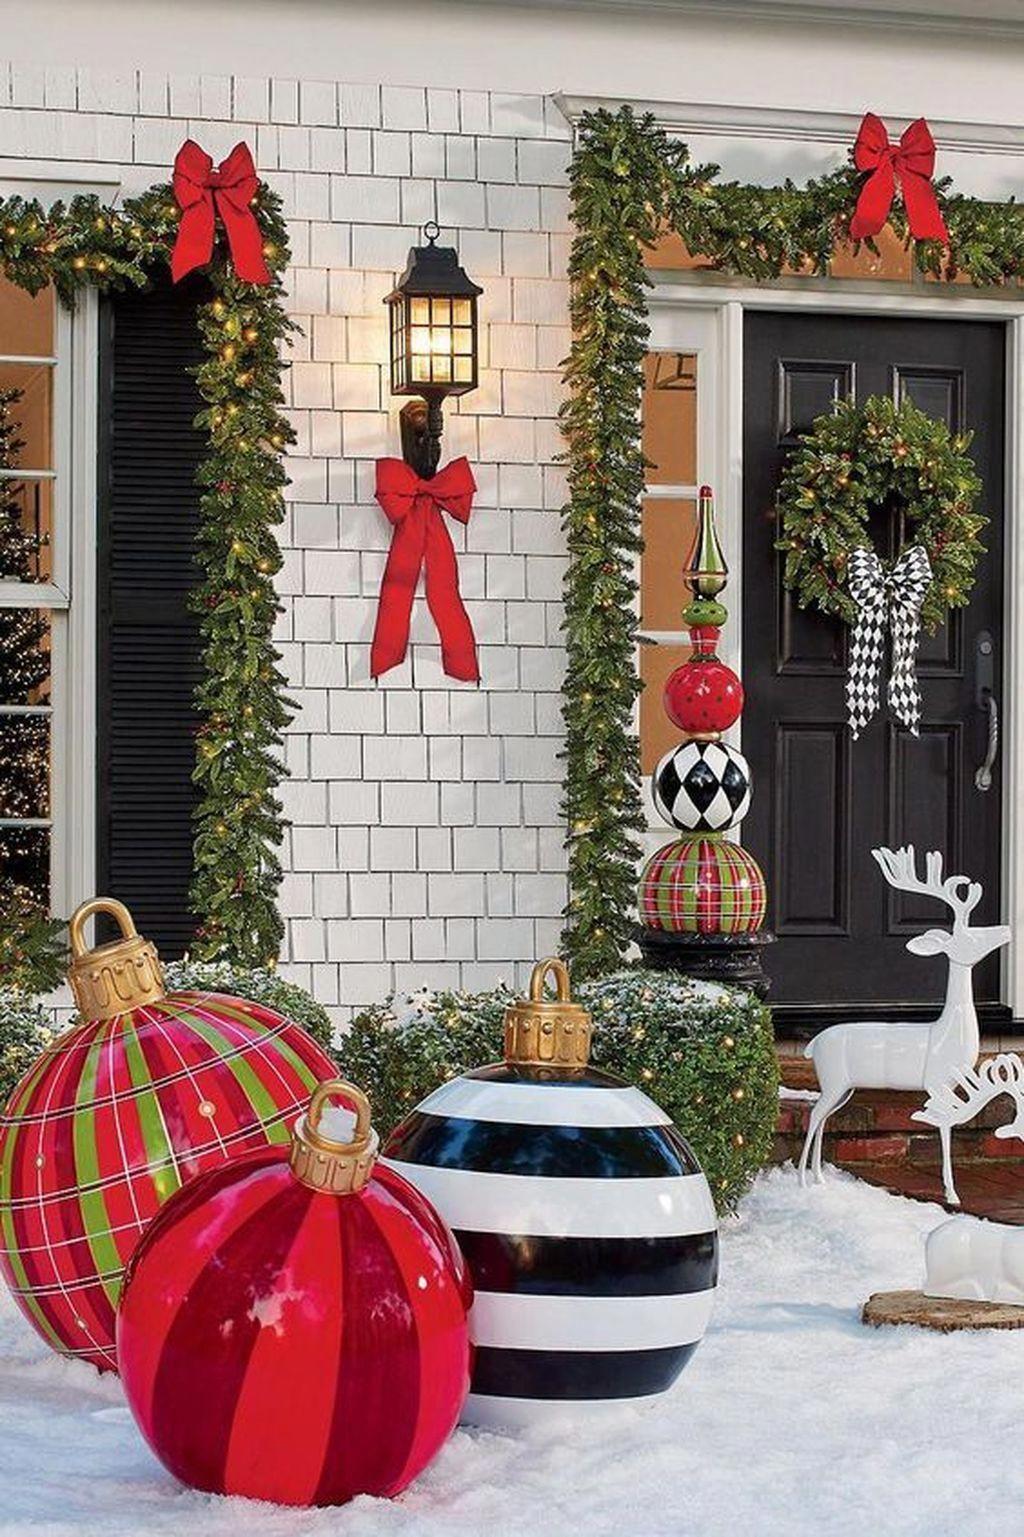 Christmashome Kerstdecoratie Diy Kerstversiering Buiten Kerst